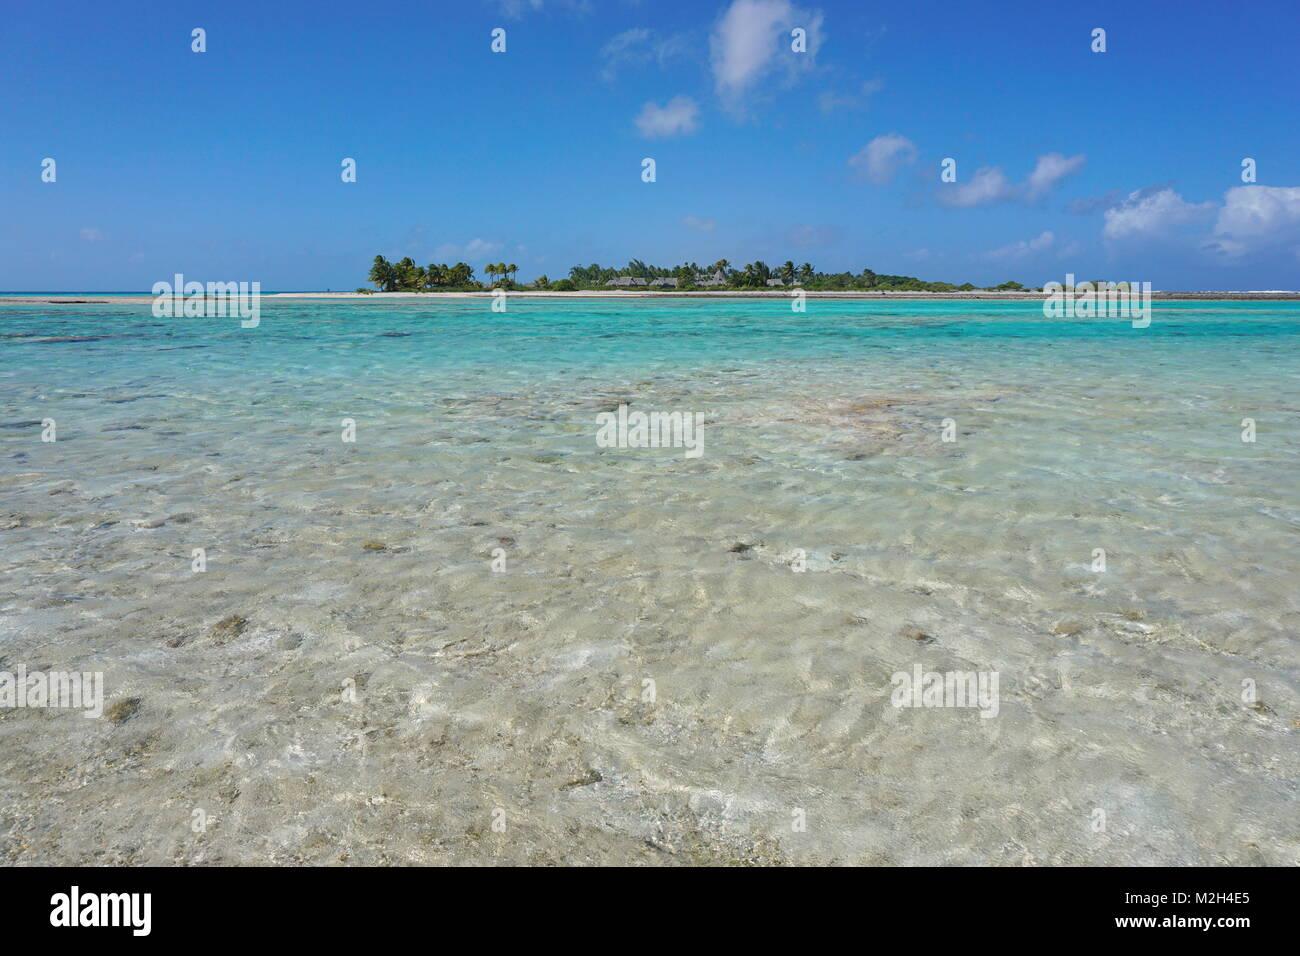 Aguas de una laguna y una isla tropical en el fondo, Tikehau atoll, Tuamotus, Polinesia Francesa, al sur del océano Pacífico, Oceanía Foto de stock